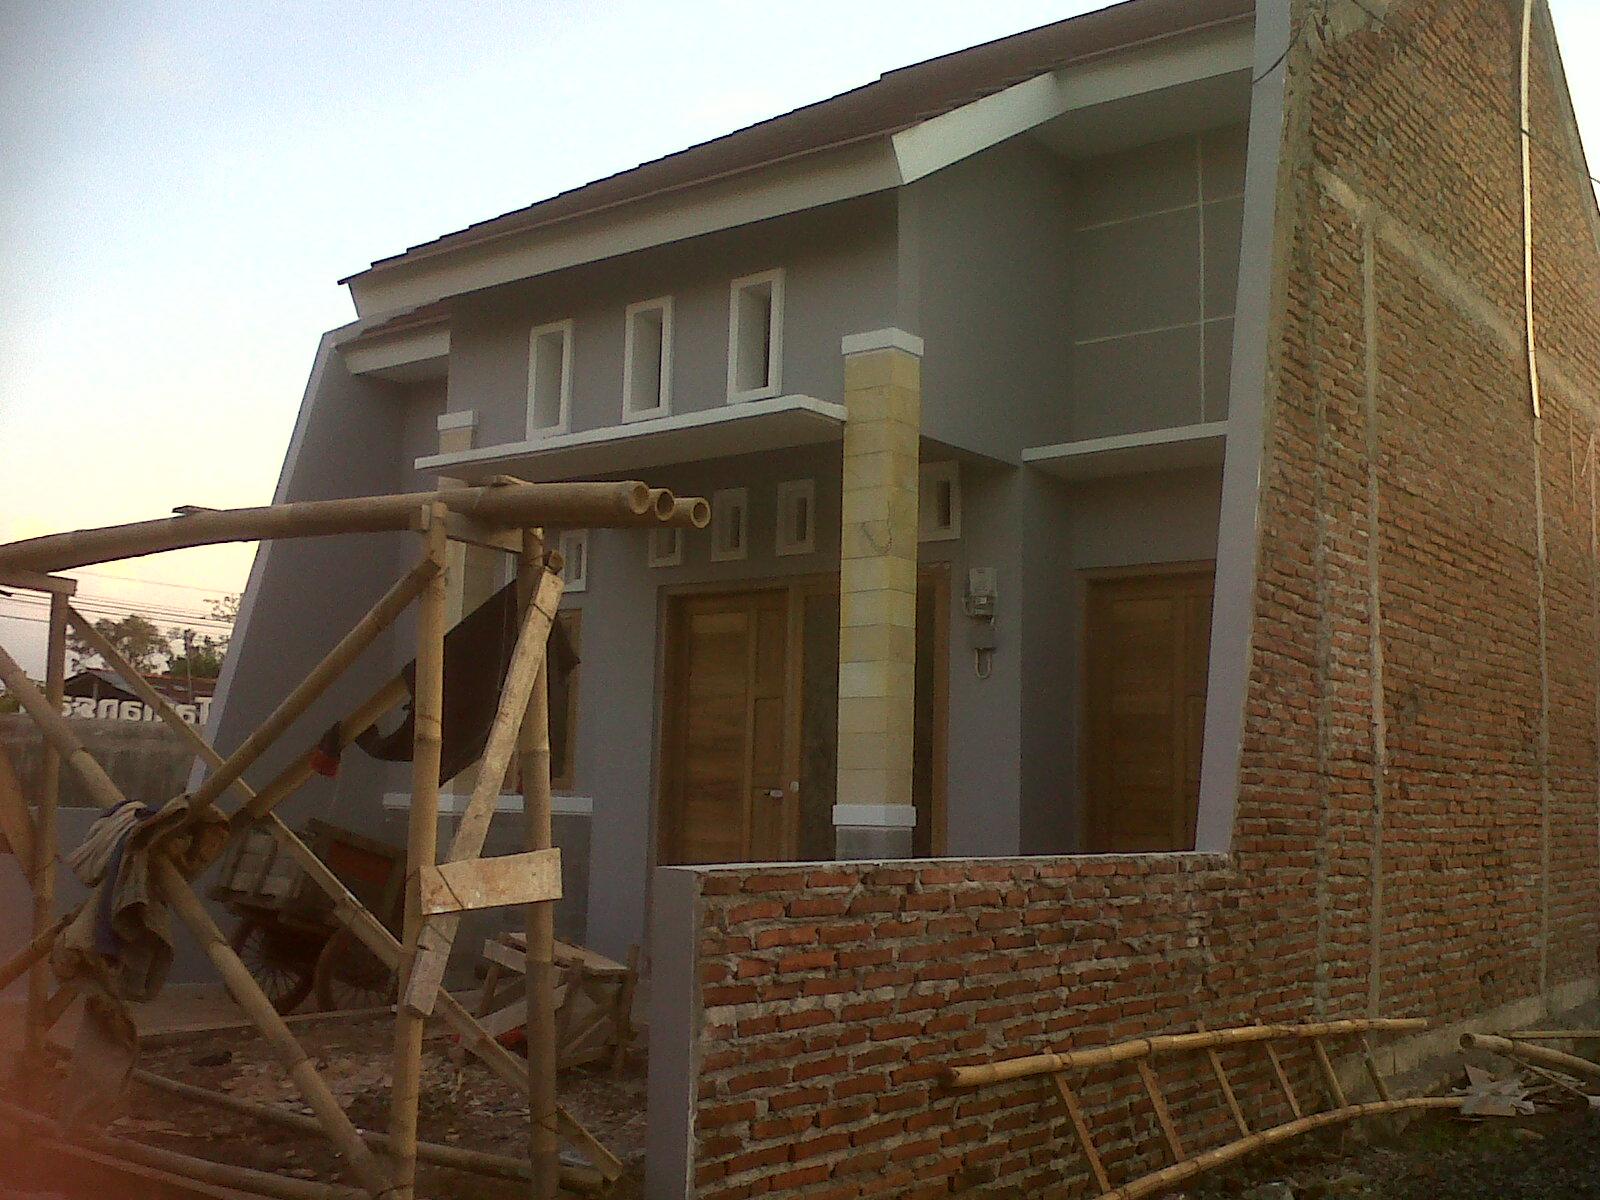 Proses Rumahku: Rumah Contoh Tampak Luar